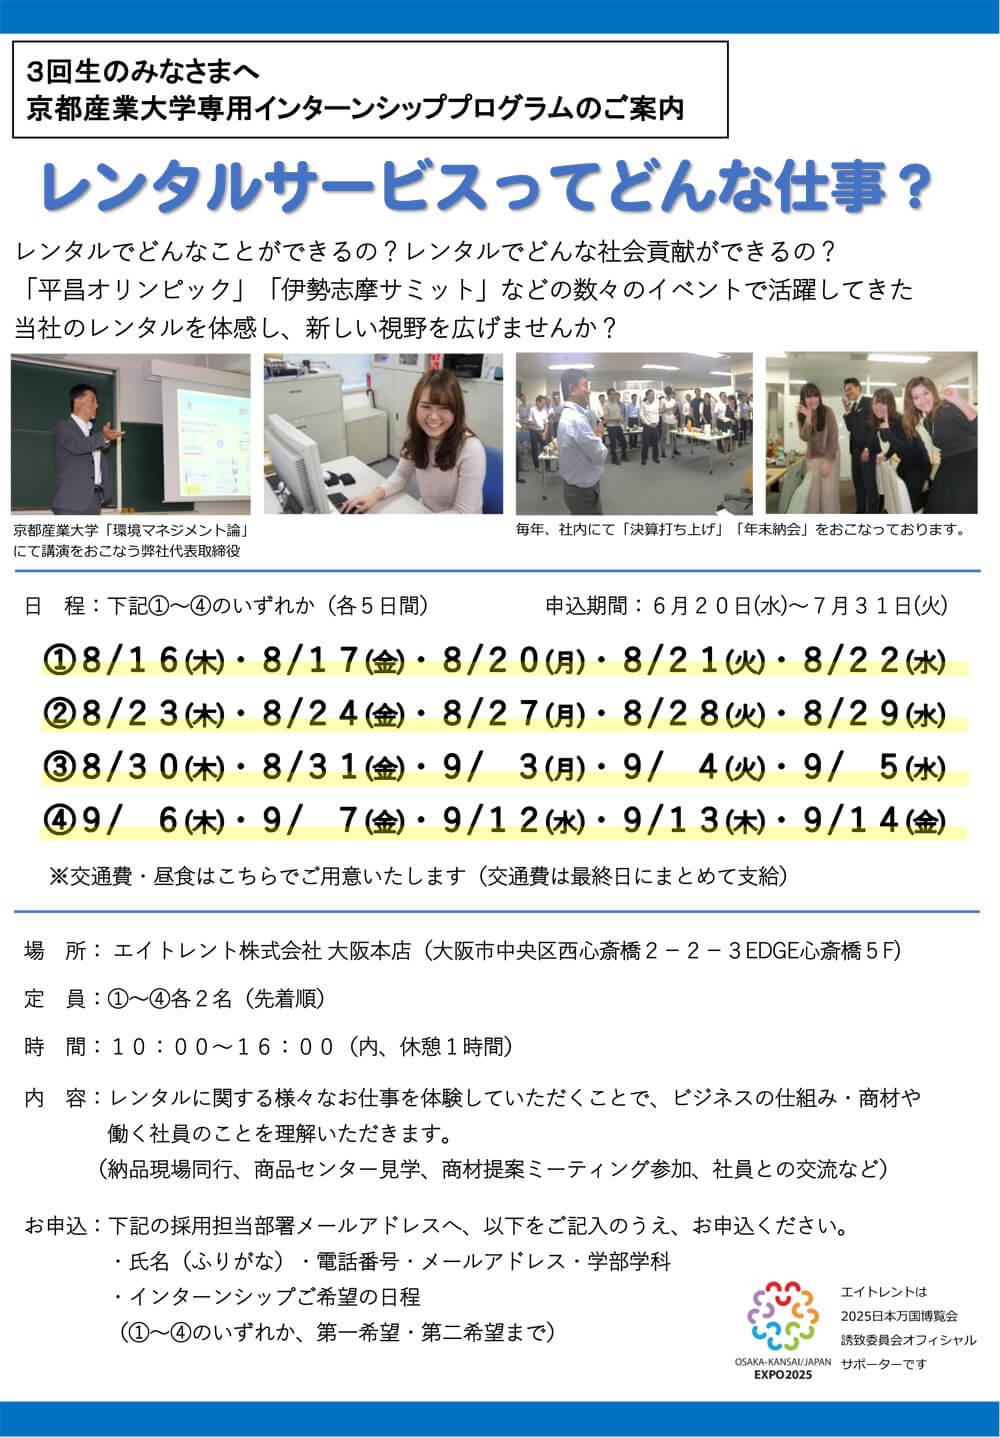 【3回生用】京都産業大学チラシ